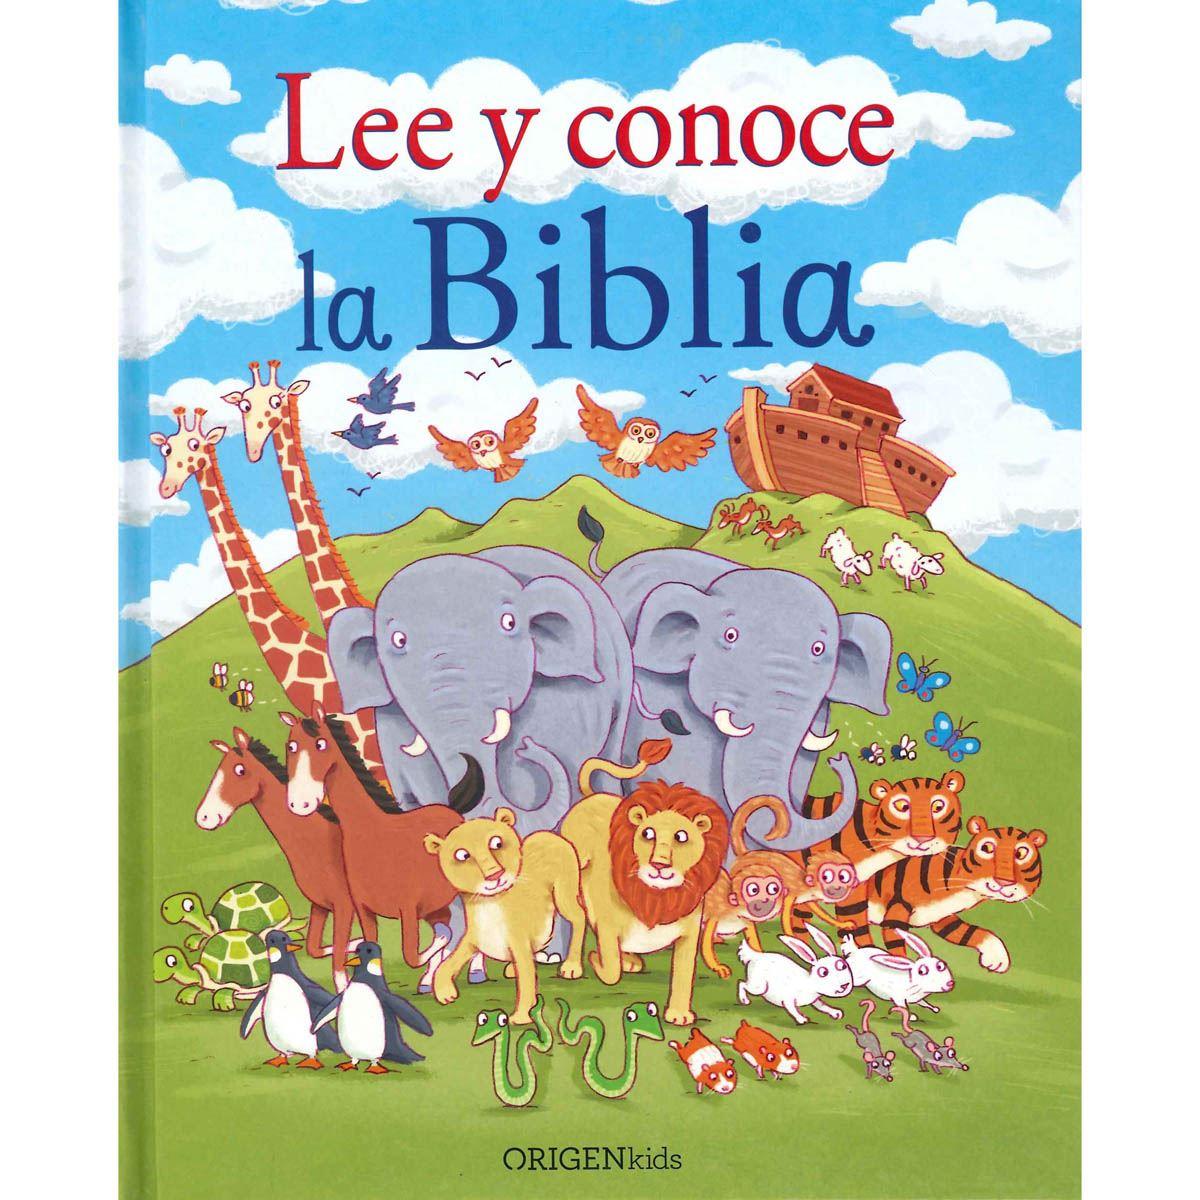 Lee y conoce la biblia